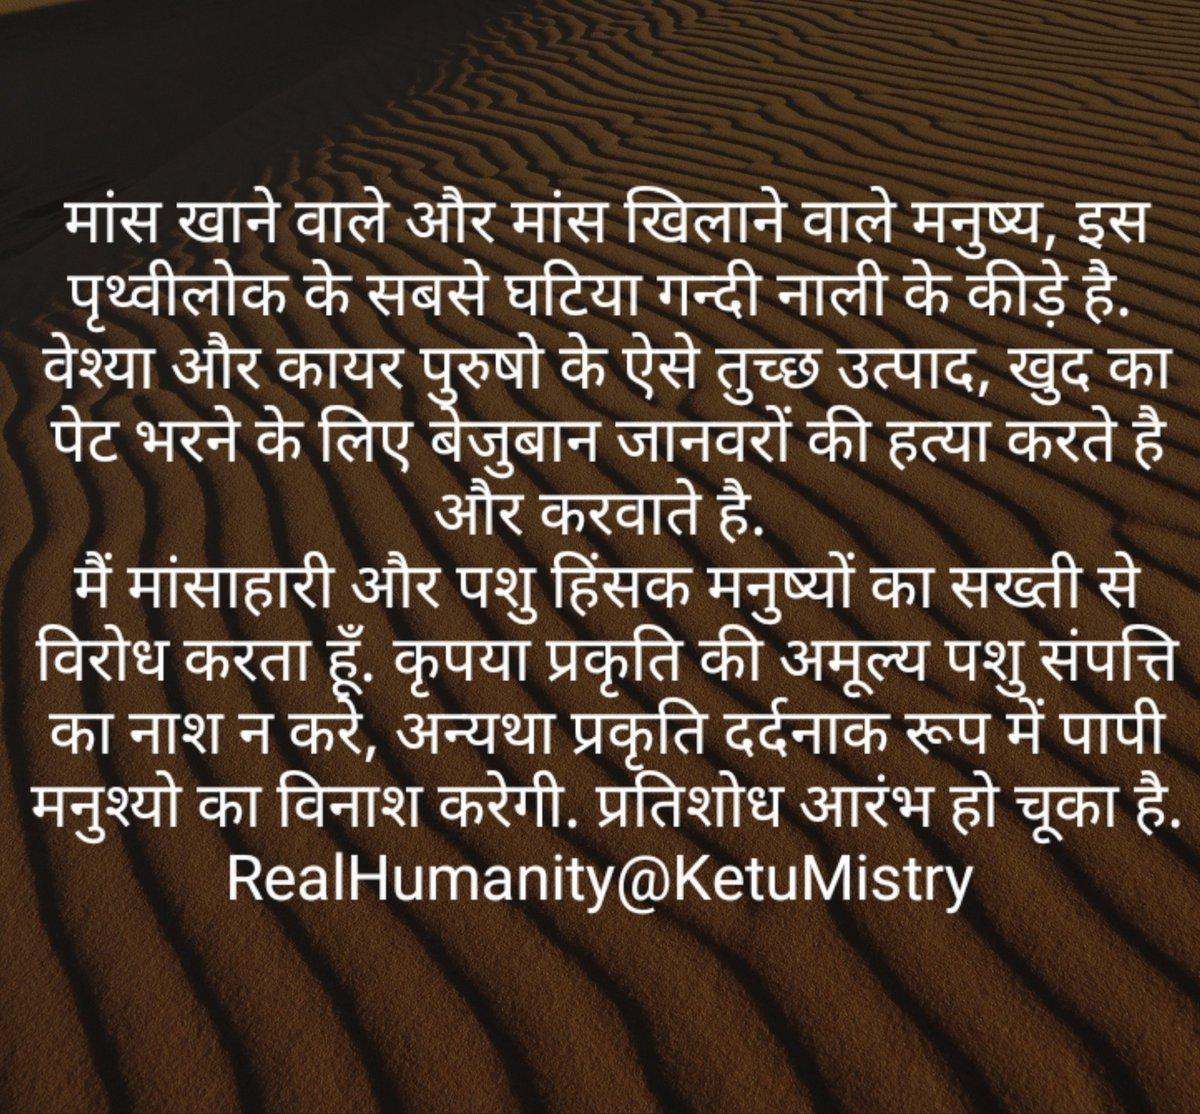 #Tripura #UttarPradesh #Uttarakhand #WestBengal #Andamanandnicobarislands #Chandigarh #DadraNagarHaveli #Daman #Diu #Delhi #Lakshadweep #Puducherry #Nepal #China #Pashupatinathsingh #Annasaheb #BJP #Congress #Bennybehanan #PratapraoJadhav #GajananKirtikar #IndiaFightsCorona #savepic.twitter.com/hIucladePR